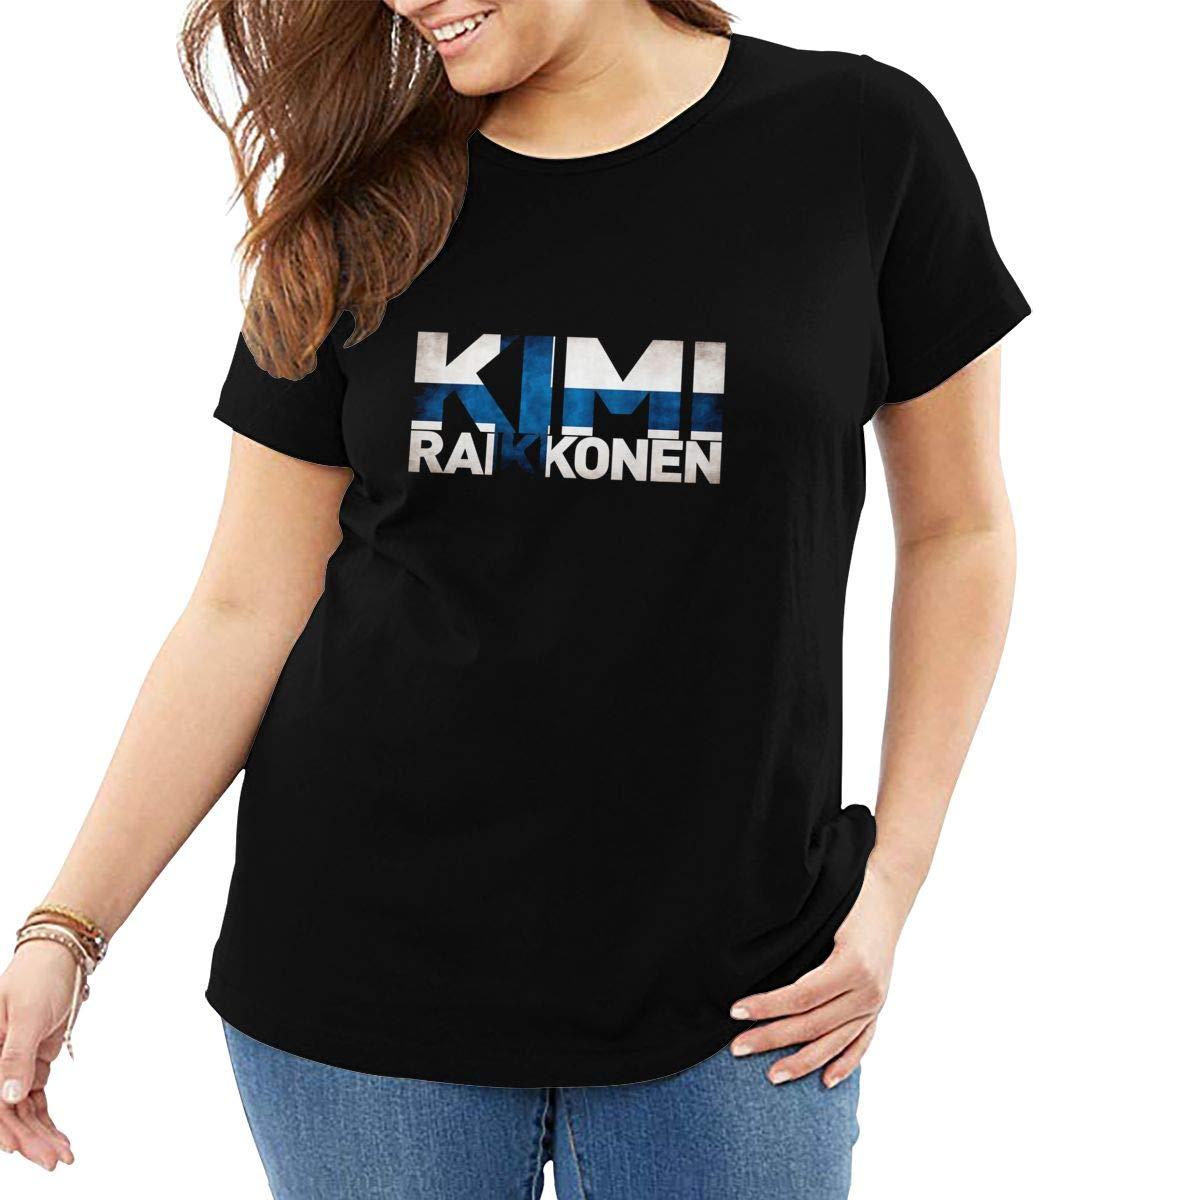 Kimi Rkonen F1 Plus Big T Shirt For Fat